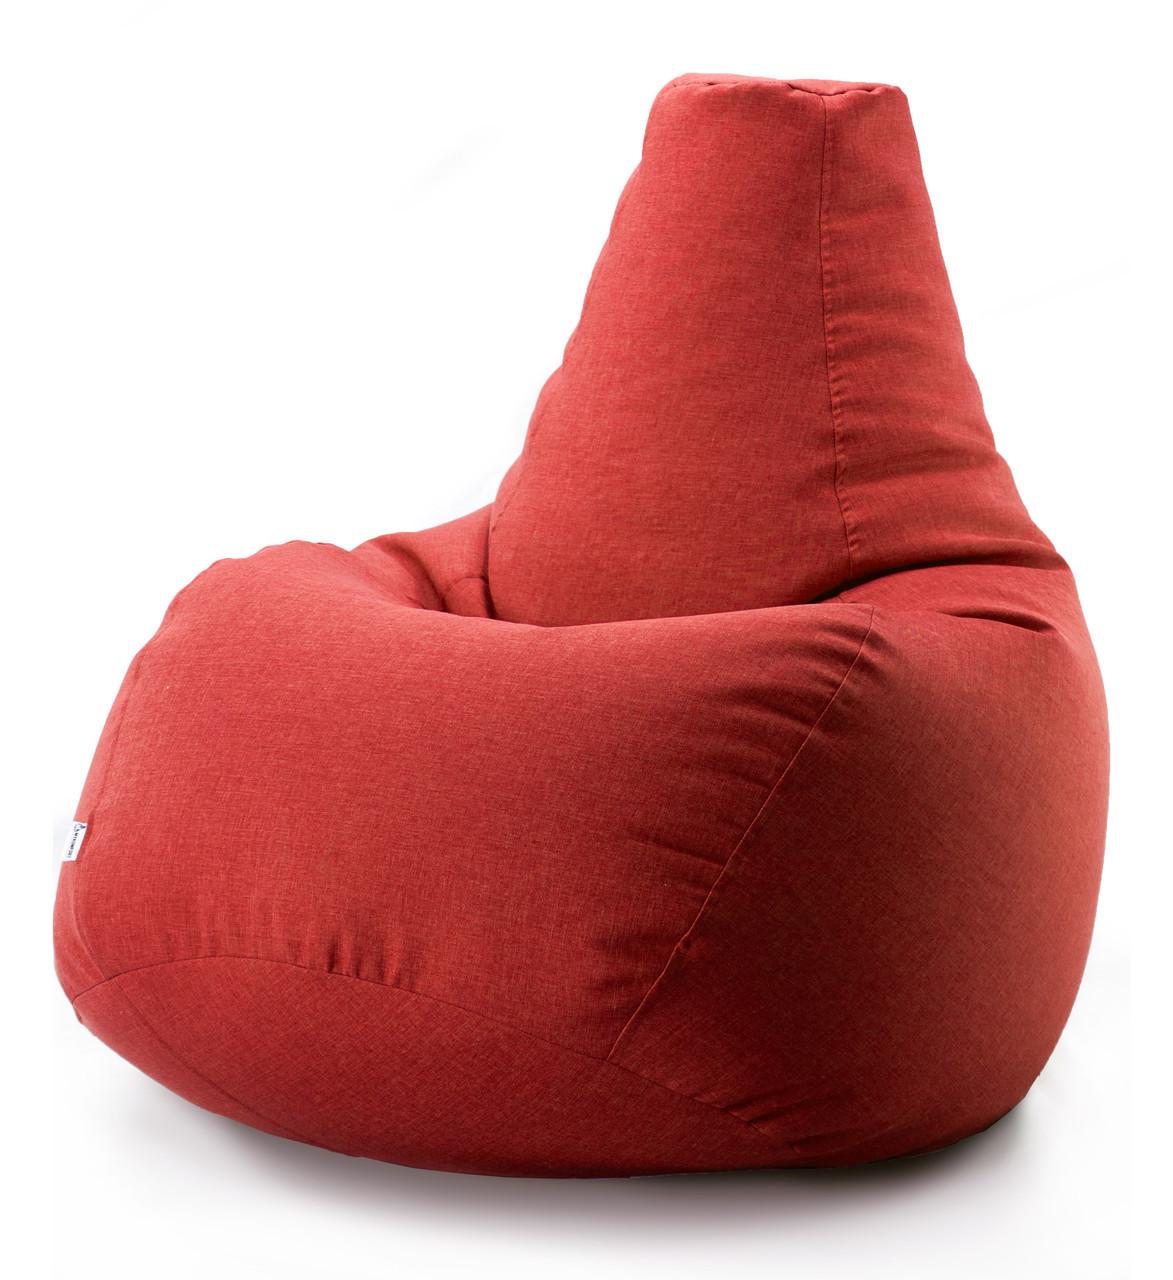 Кресло-мешок груша Микро-рогожка 85*105 см. С дополнительным чехлом